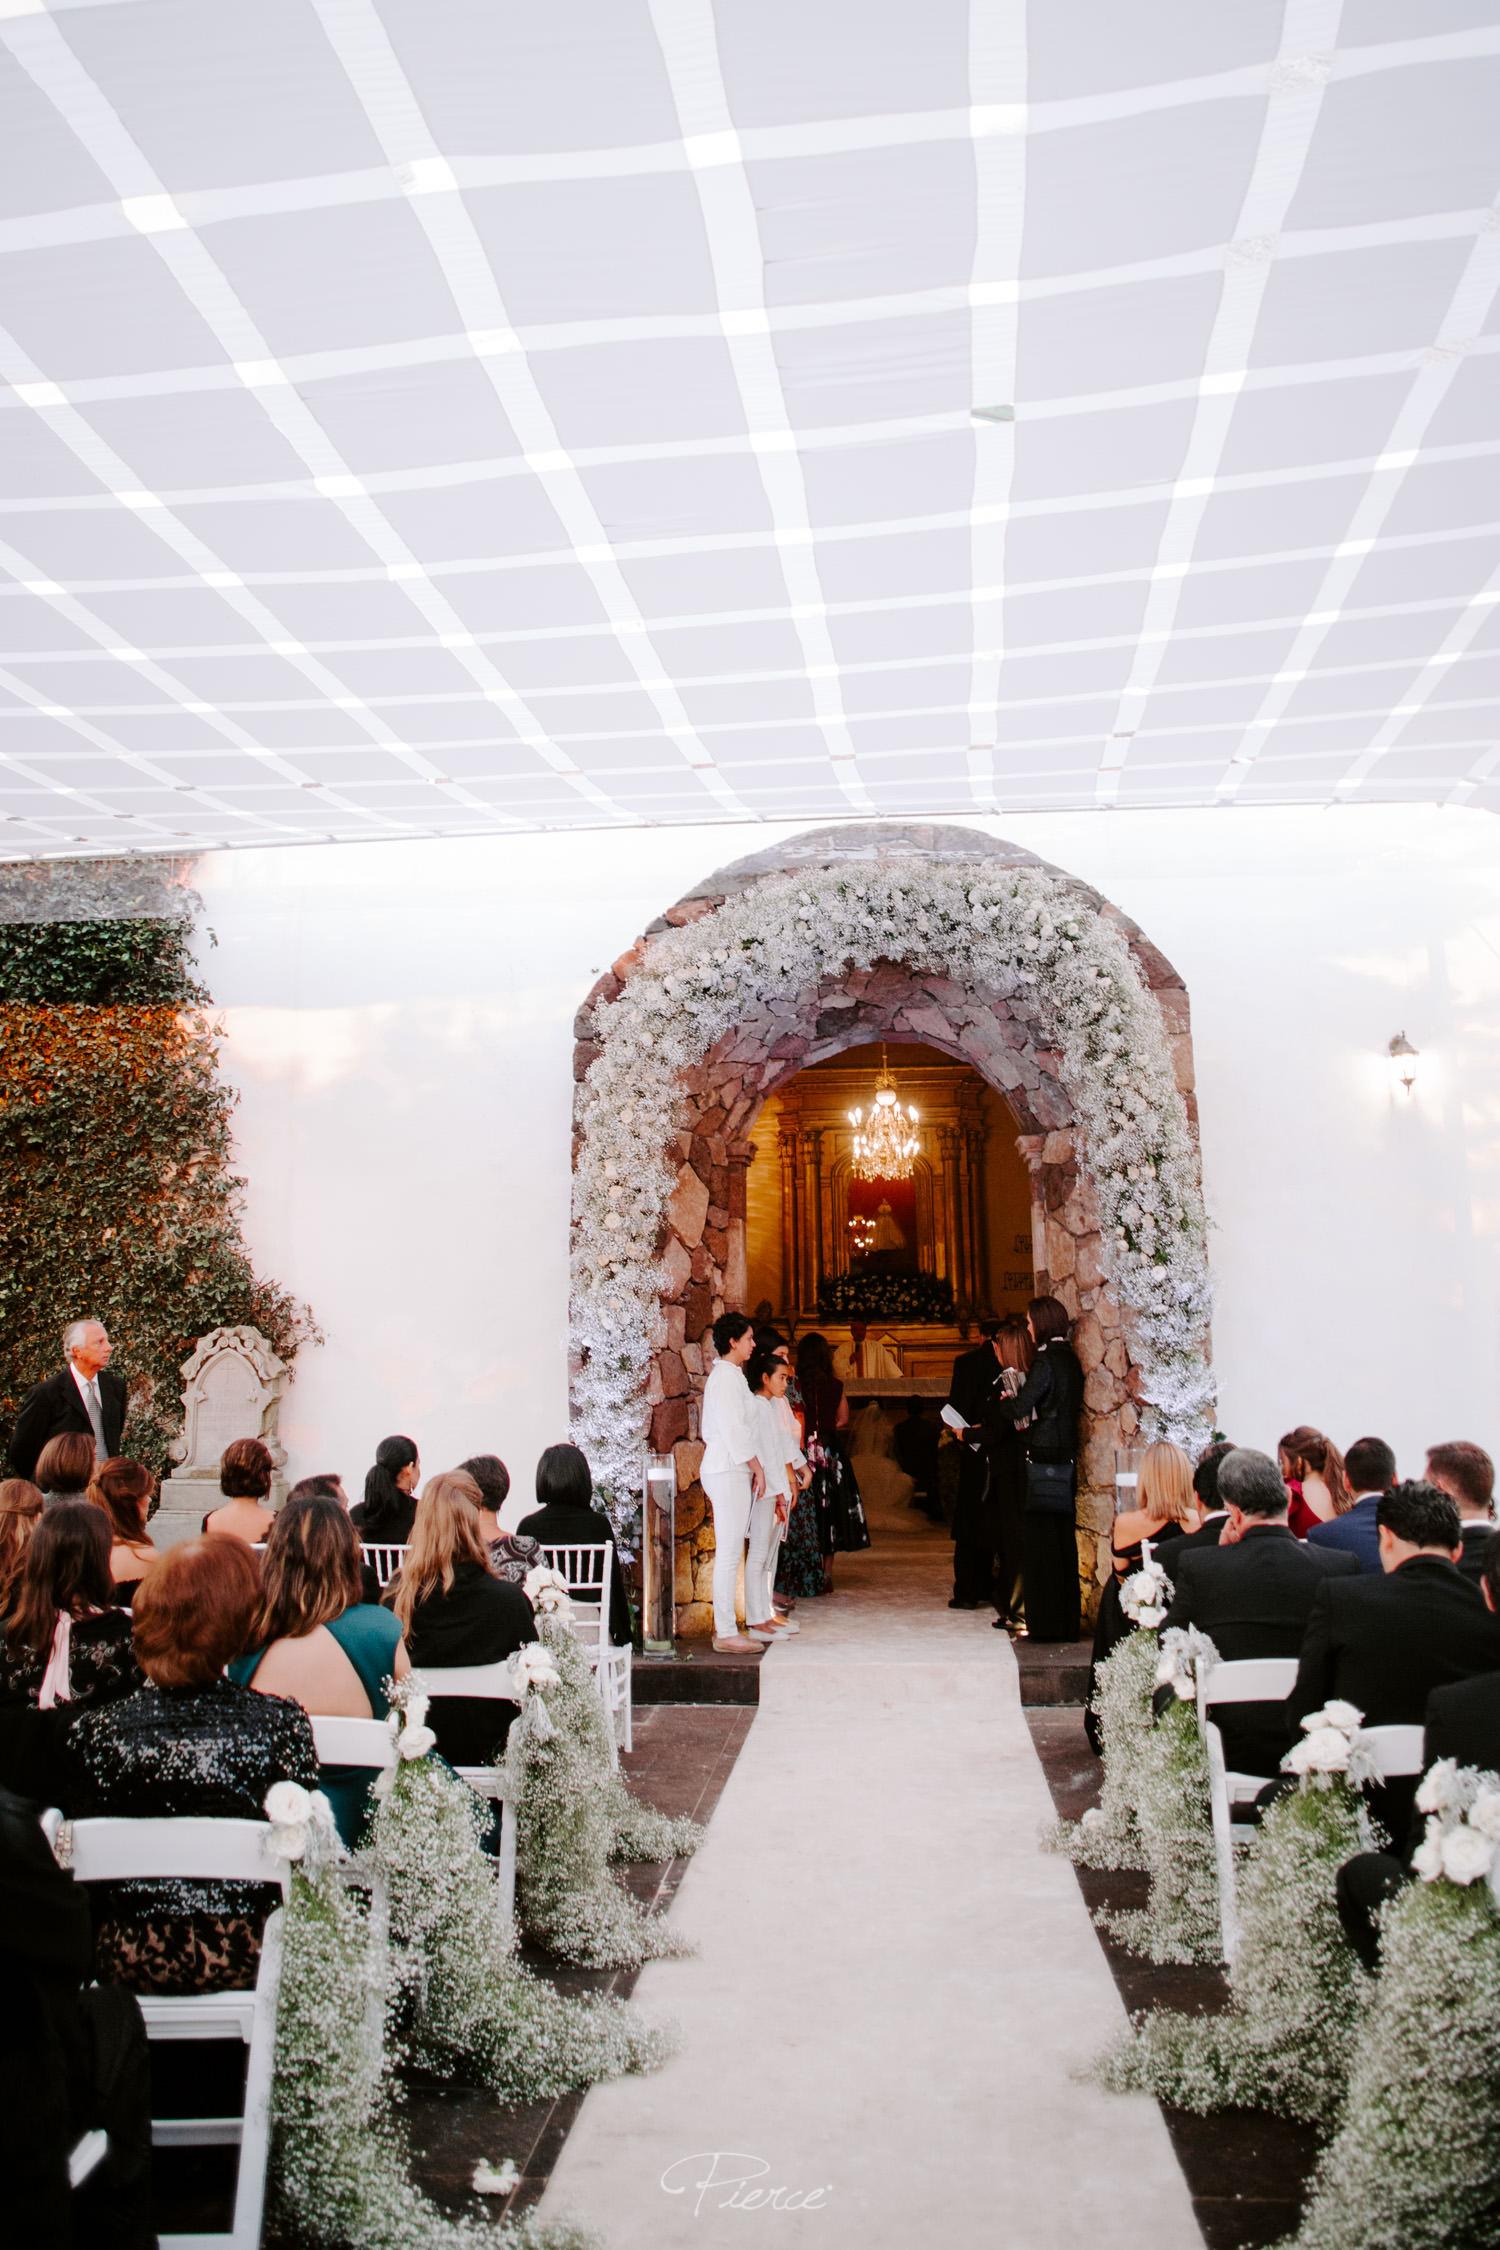 fotografia-de-boda-valle-de-bravo-mexico-rosmarino-pierce-weddings-0268.JPG